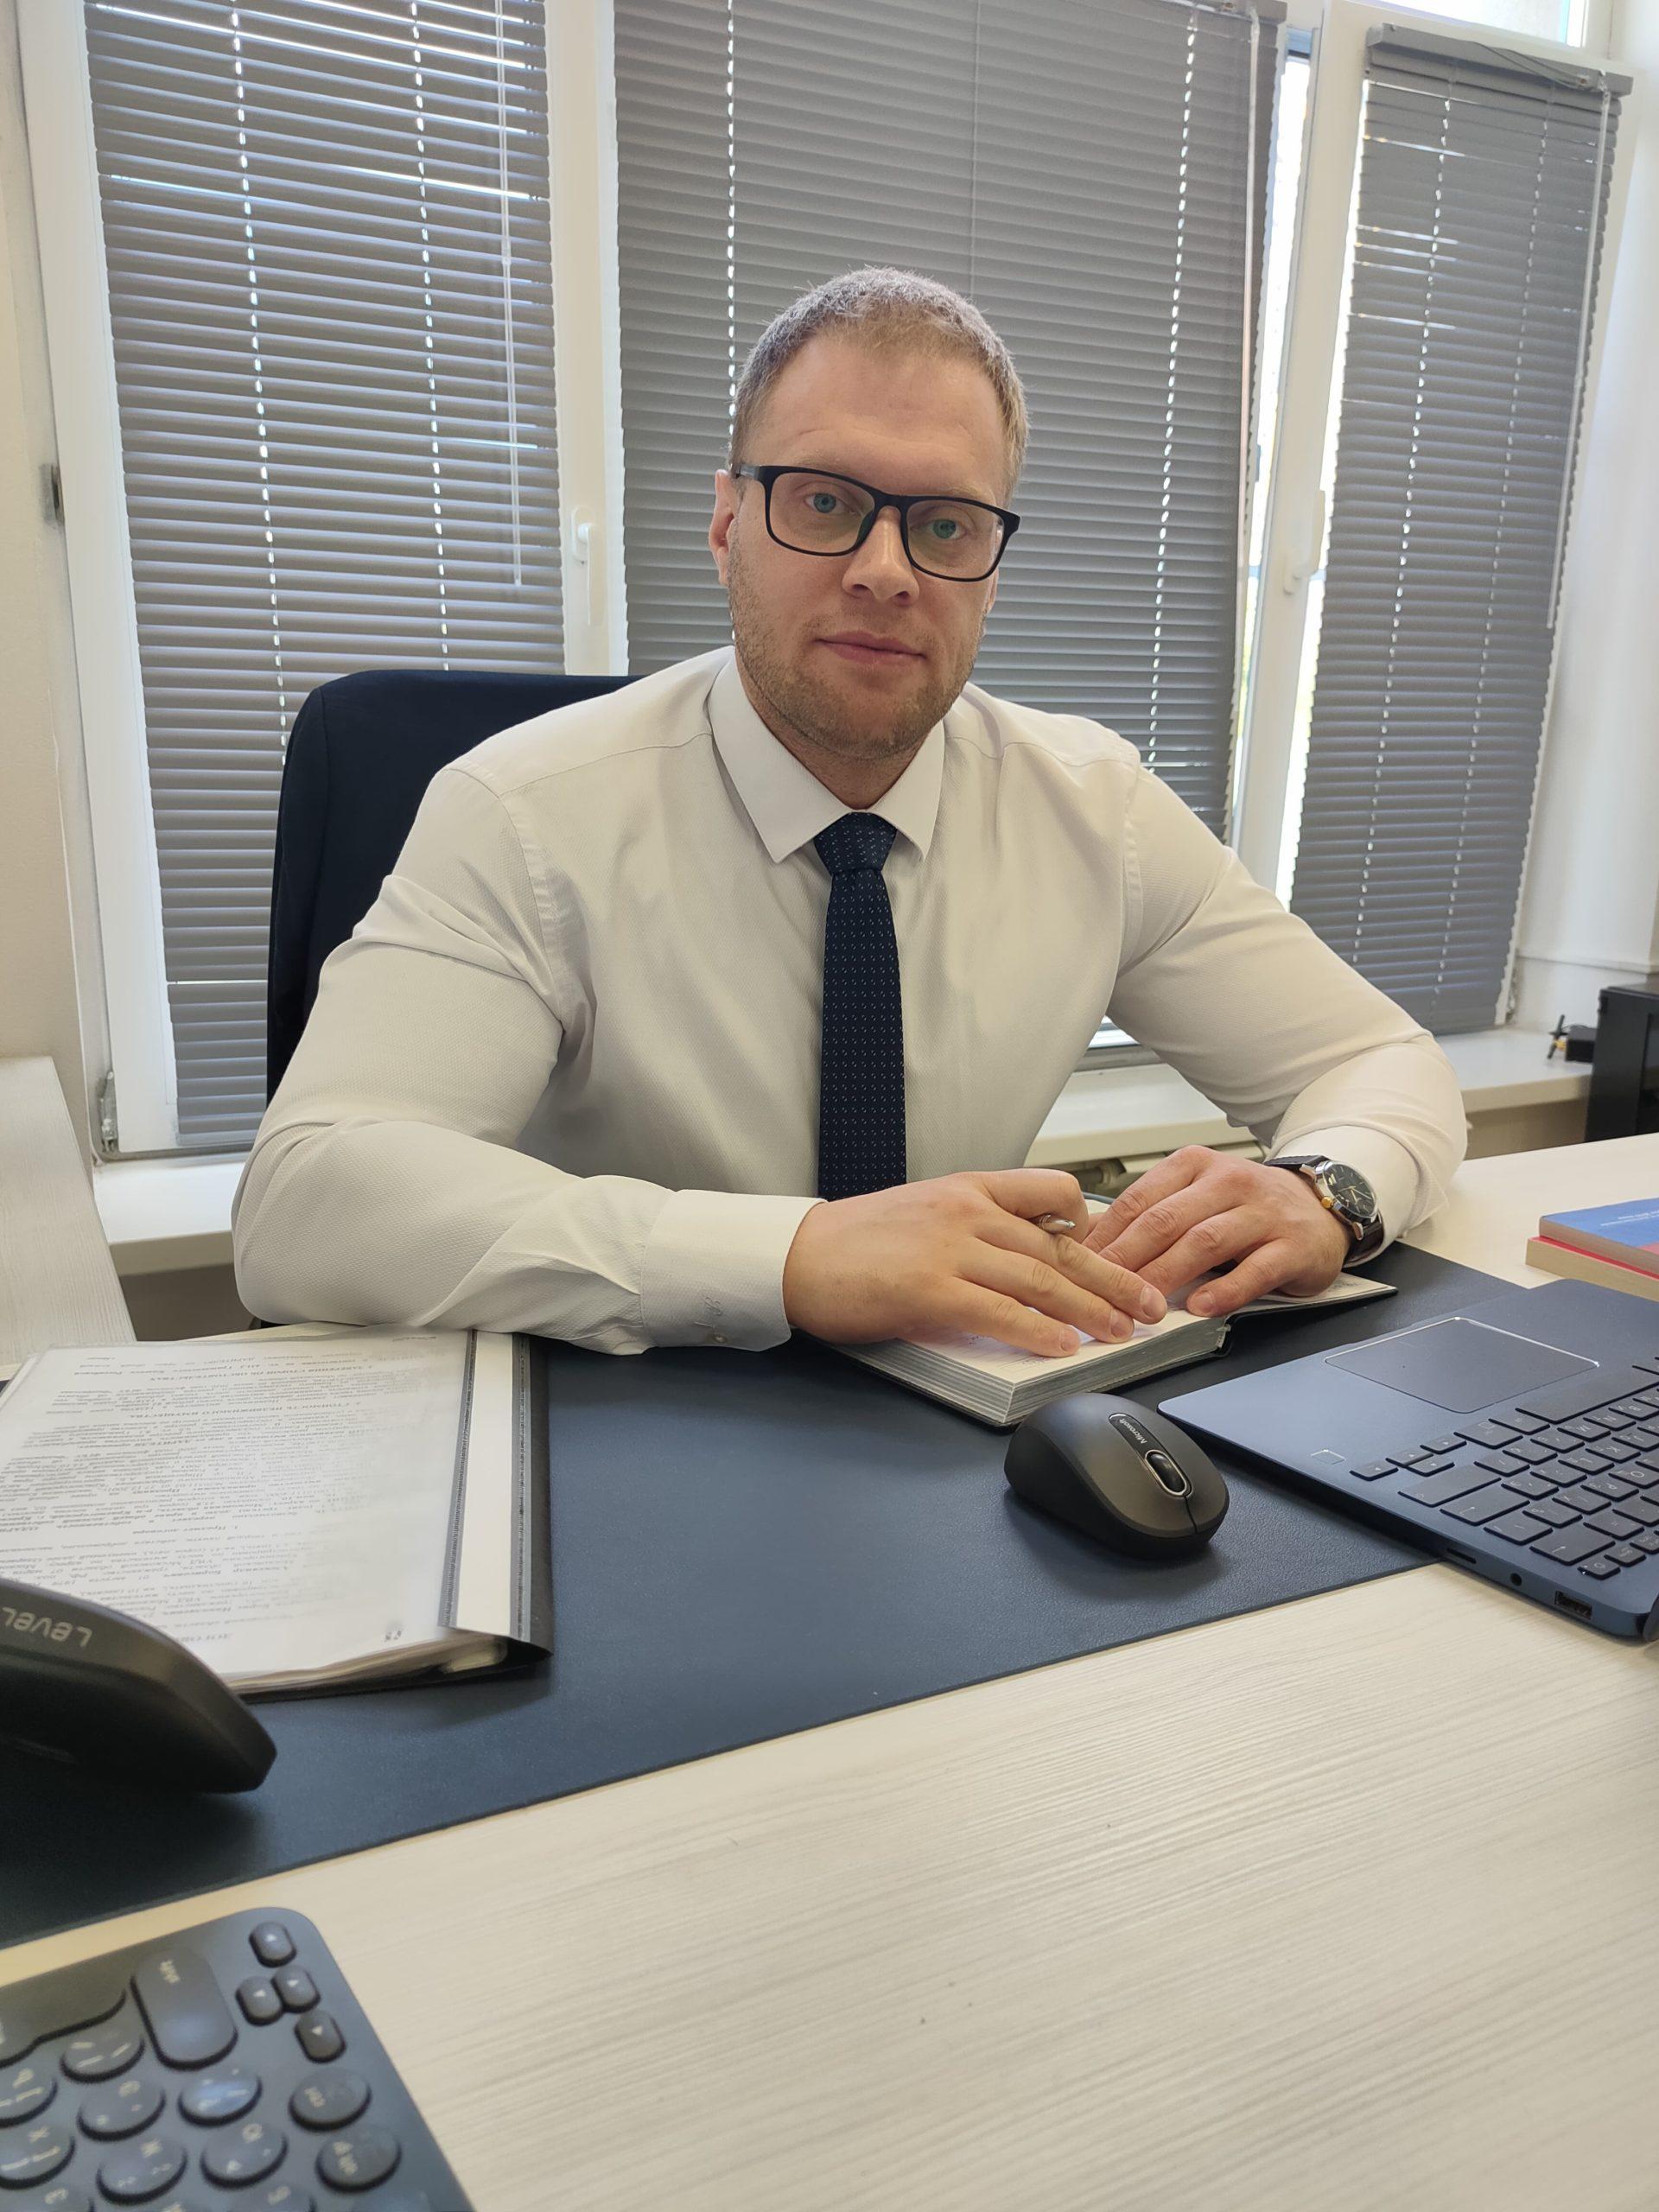 Адвокат по ст. 228.1 УК РФ Сбыт и производство наркотиков Зуев Андрей Валерьевич